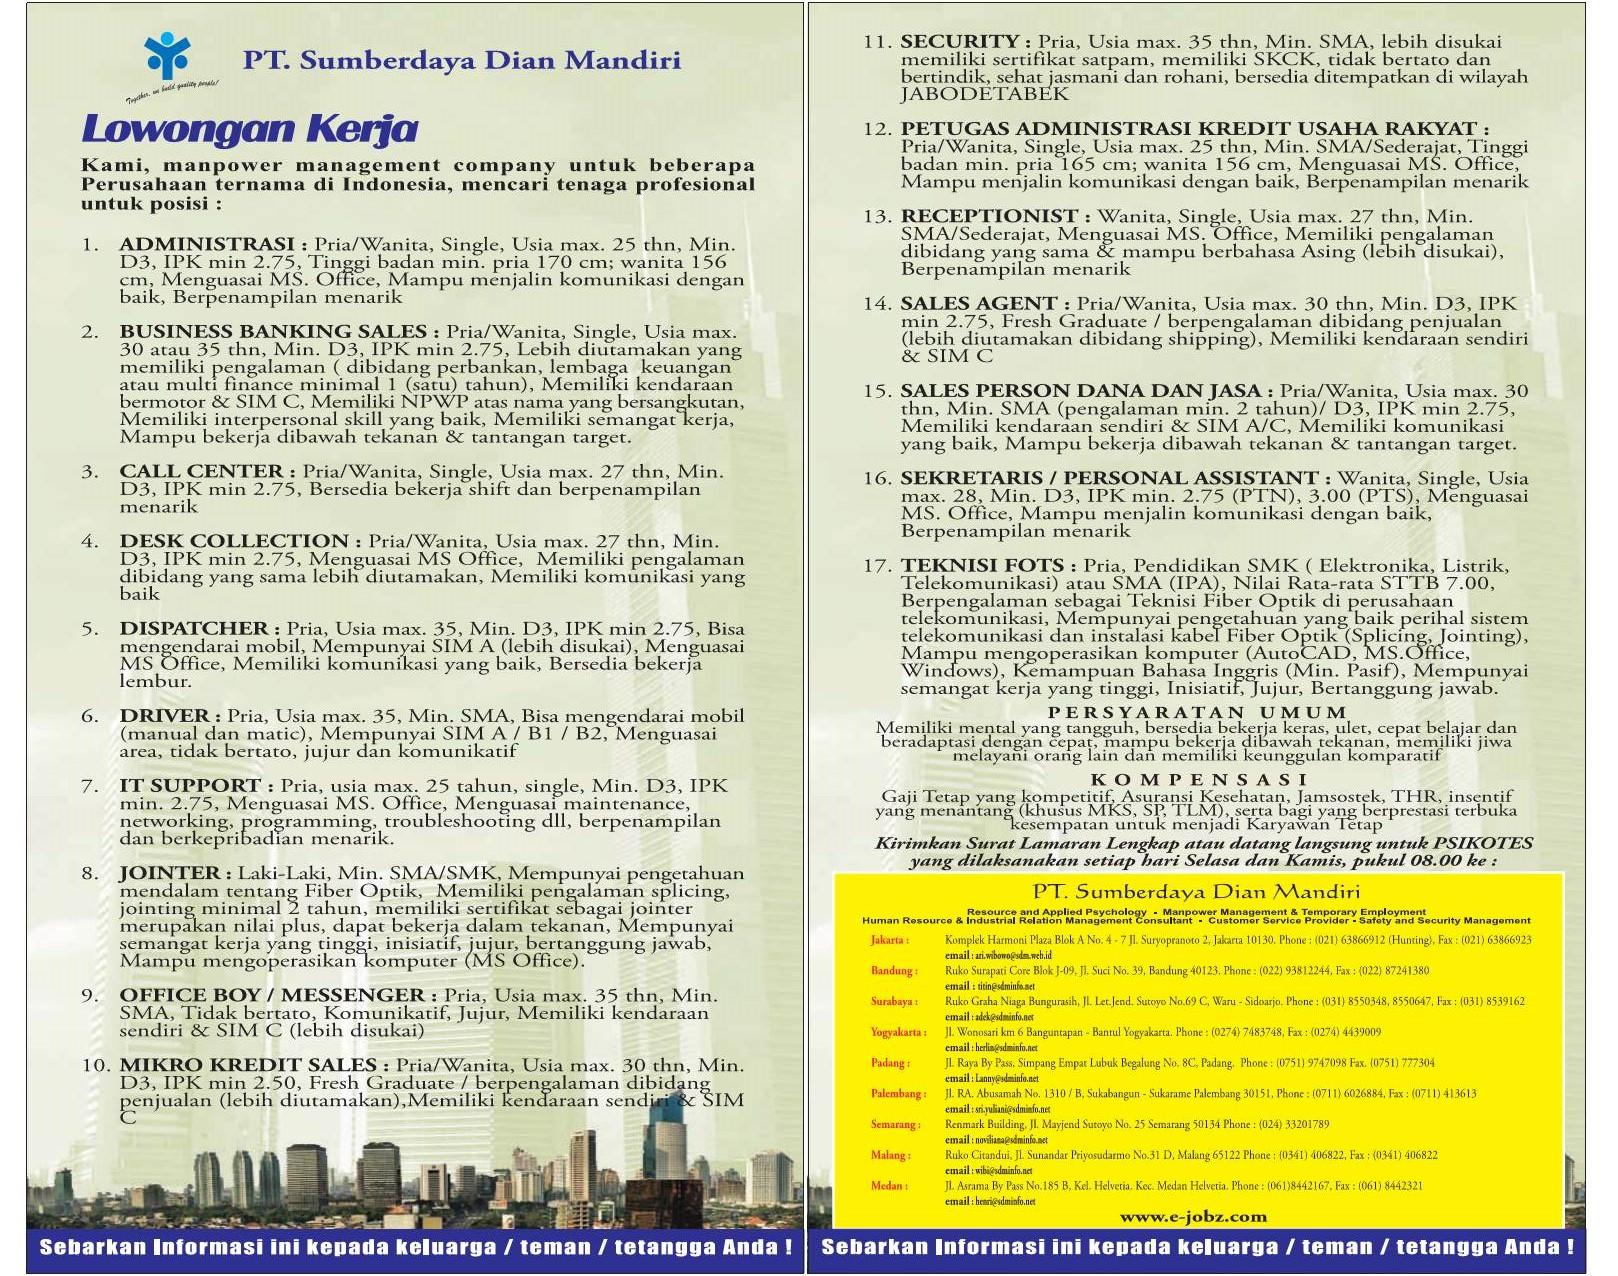 Lowongan Kerja Administrasi IT Sales, sekretaris, resepsionis, teknisi Fots, SMA, SMK, STM, D3